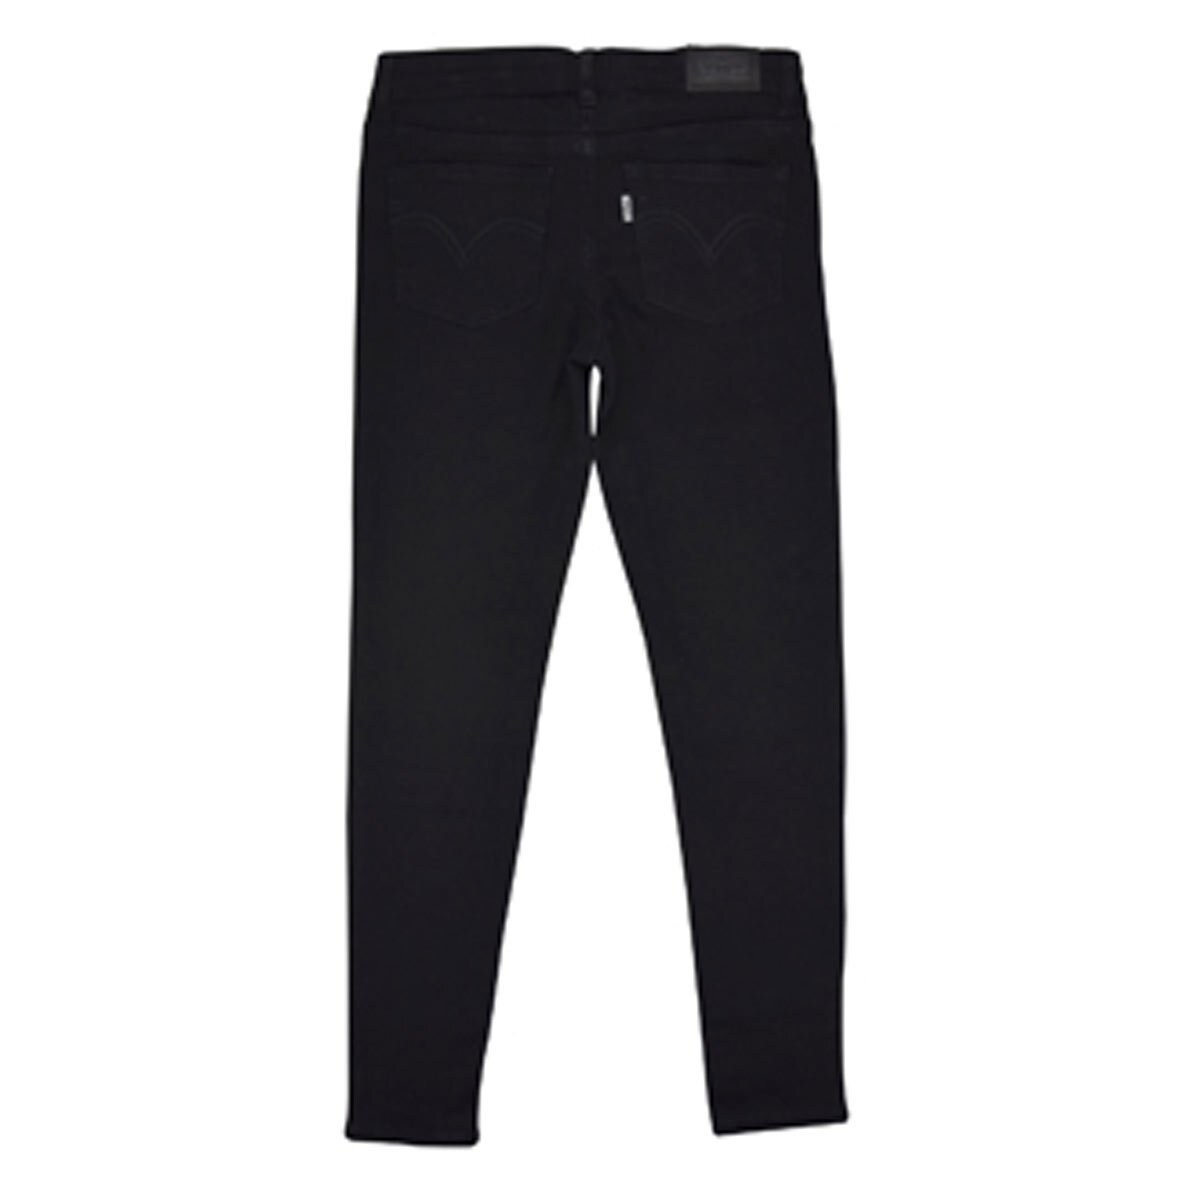 Jeans Básico Levi's